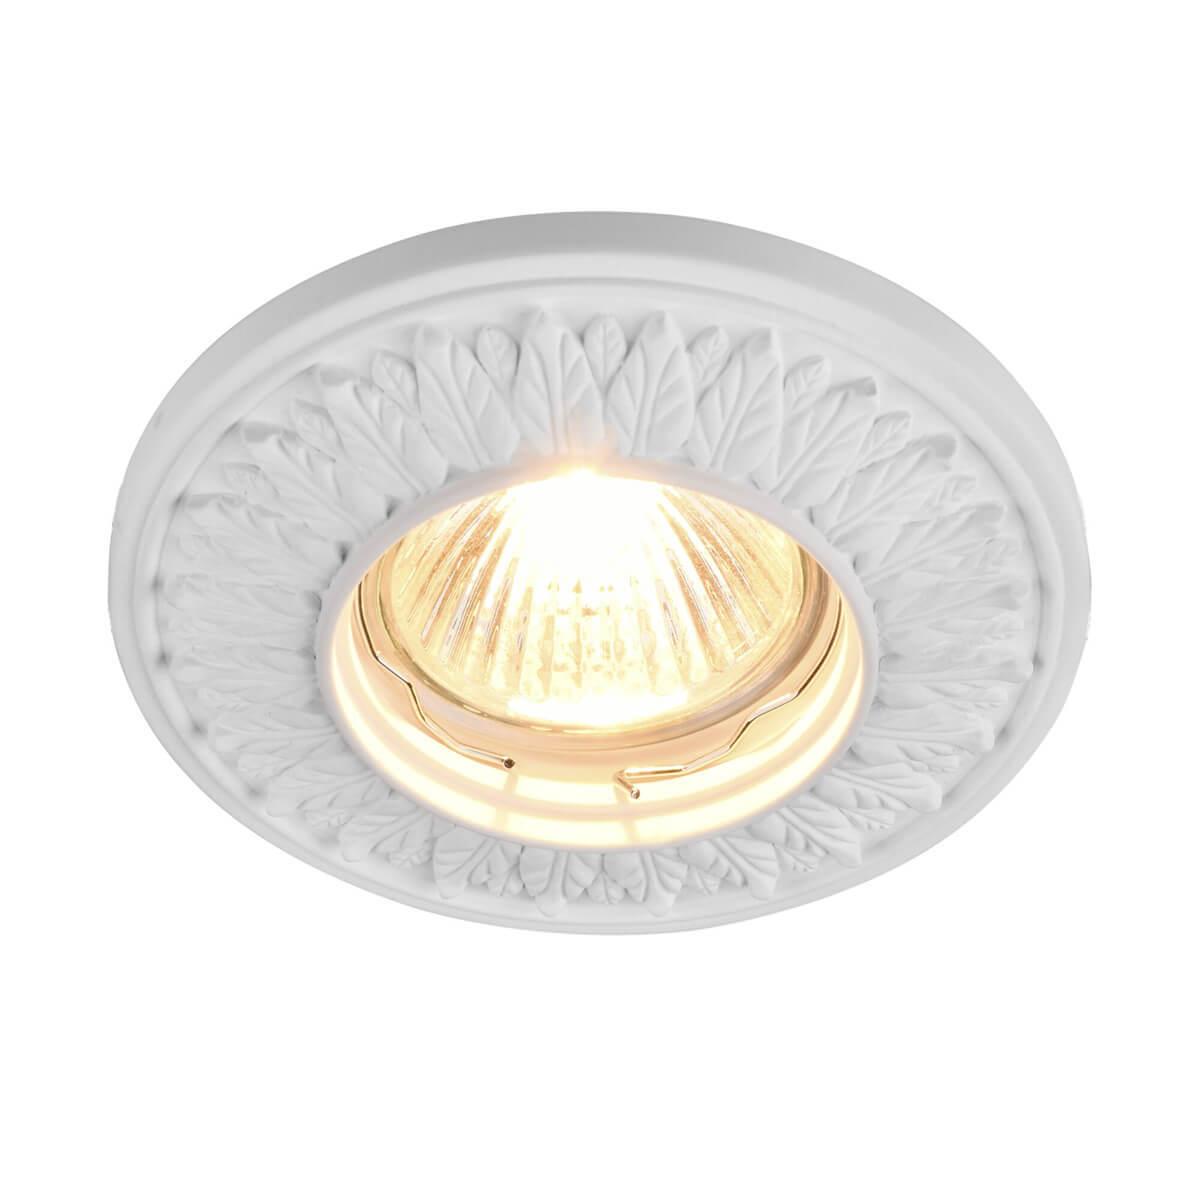 Светильник Maytoni DL280-1-01-W Gyps (Возможна покраска)